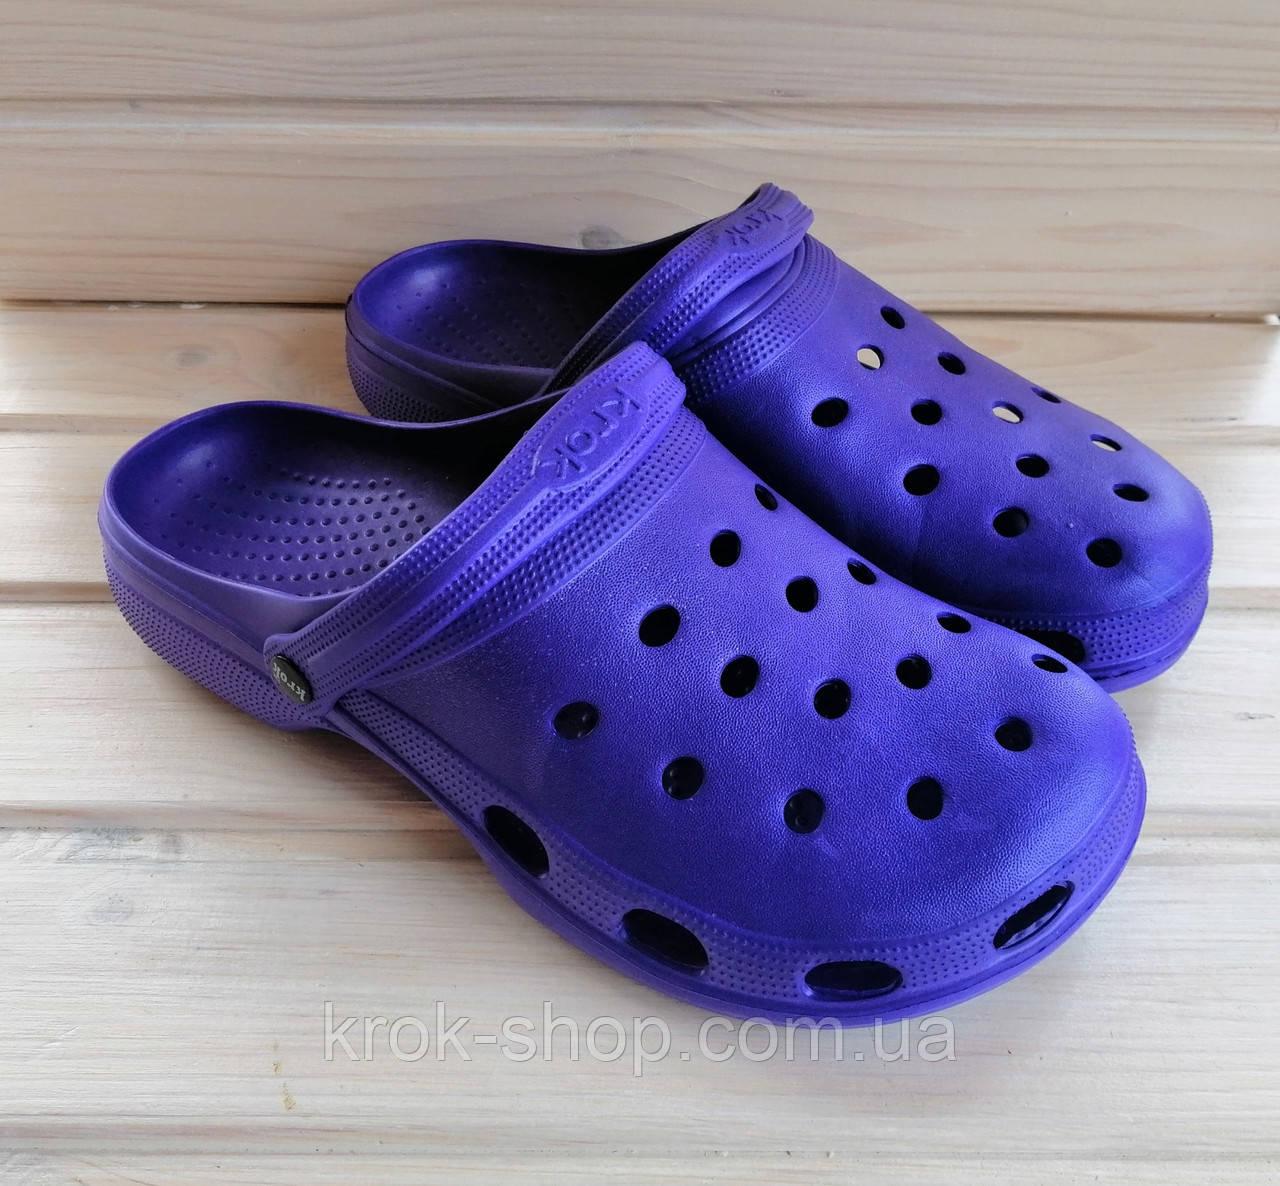 Кроксы женские одноцветные Крок